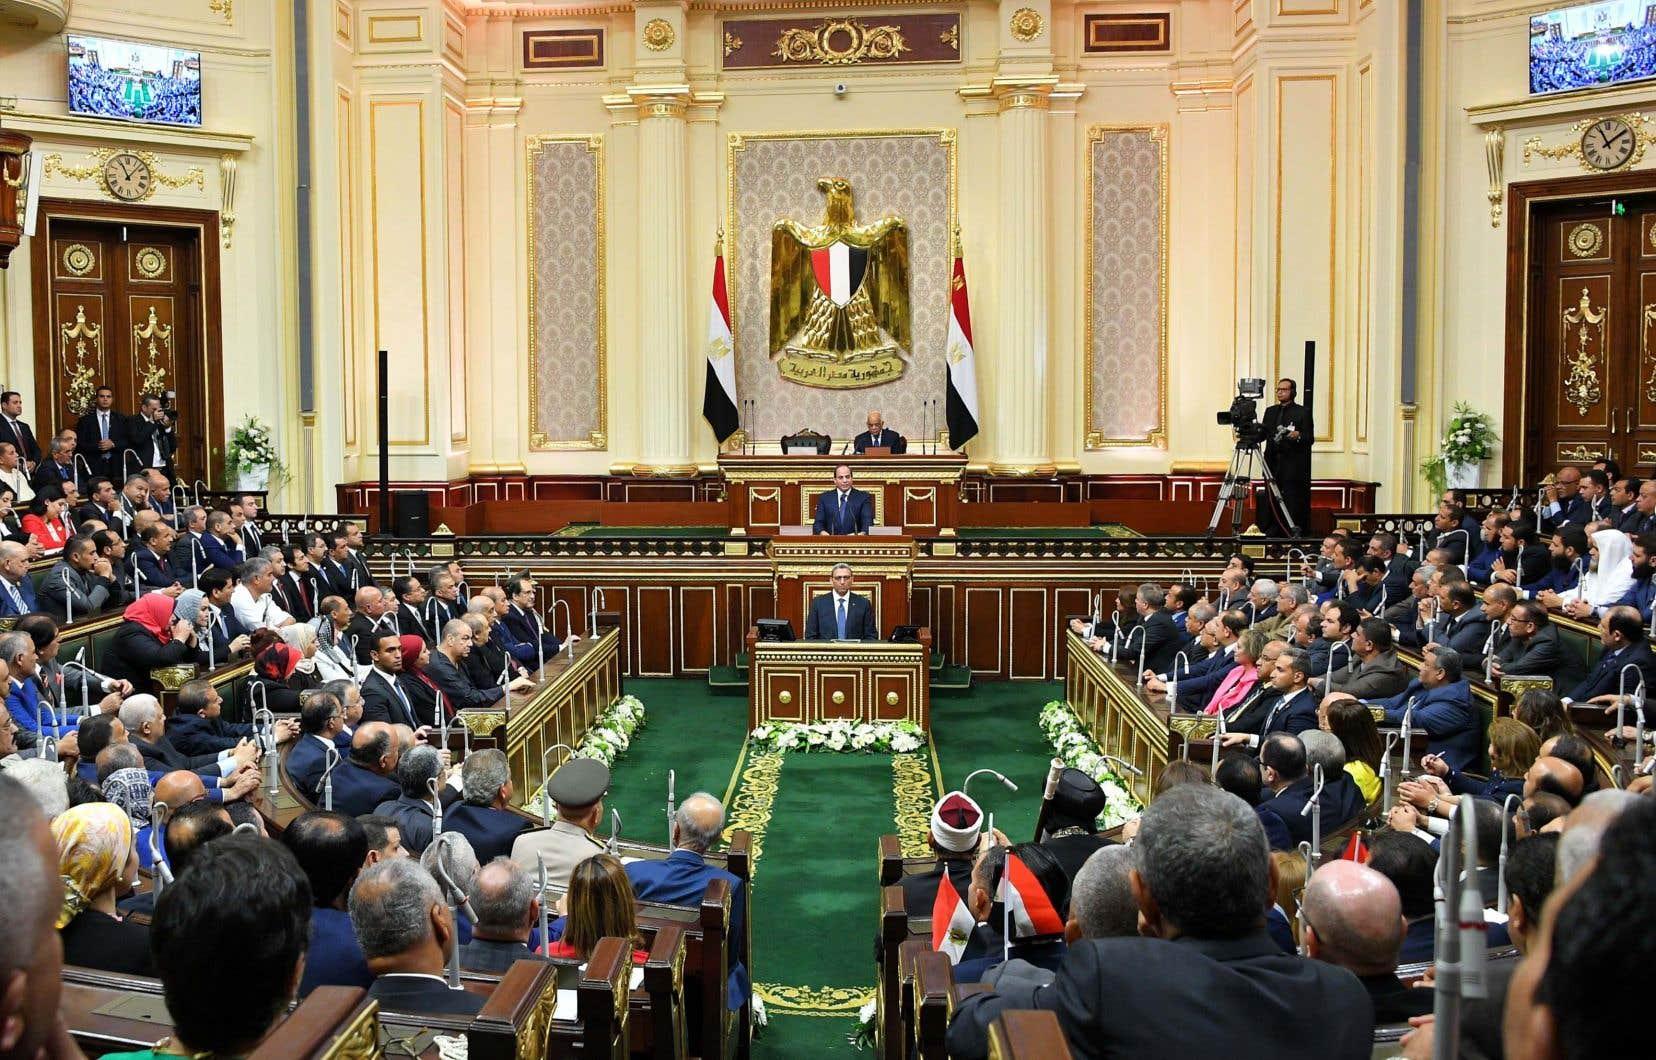 Le régime d'Abdel Fattah al-Sissi est régulièrement accusé par les défenseurs des droits de la personne de violer les libertés publiques et de museler la presse comme les opposants.